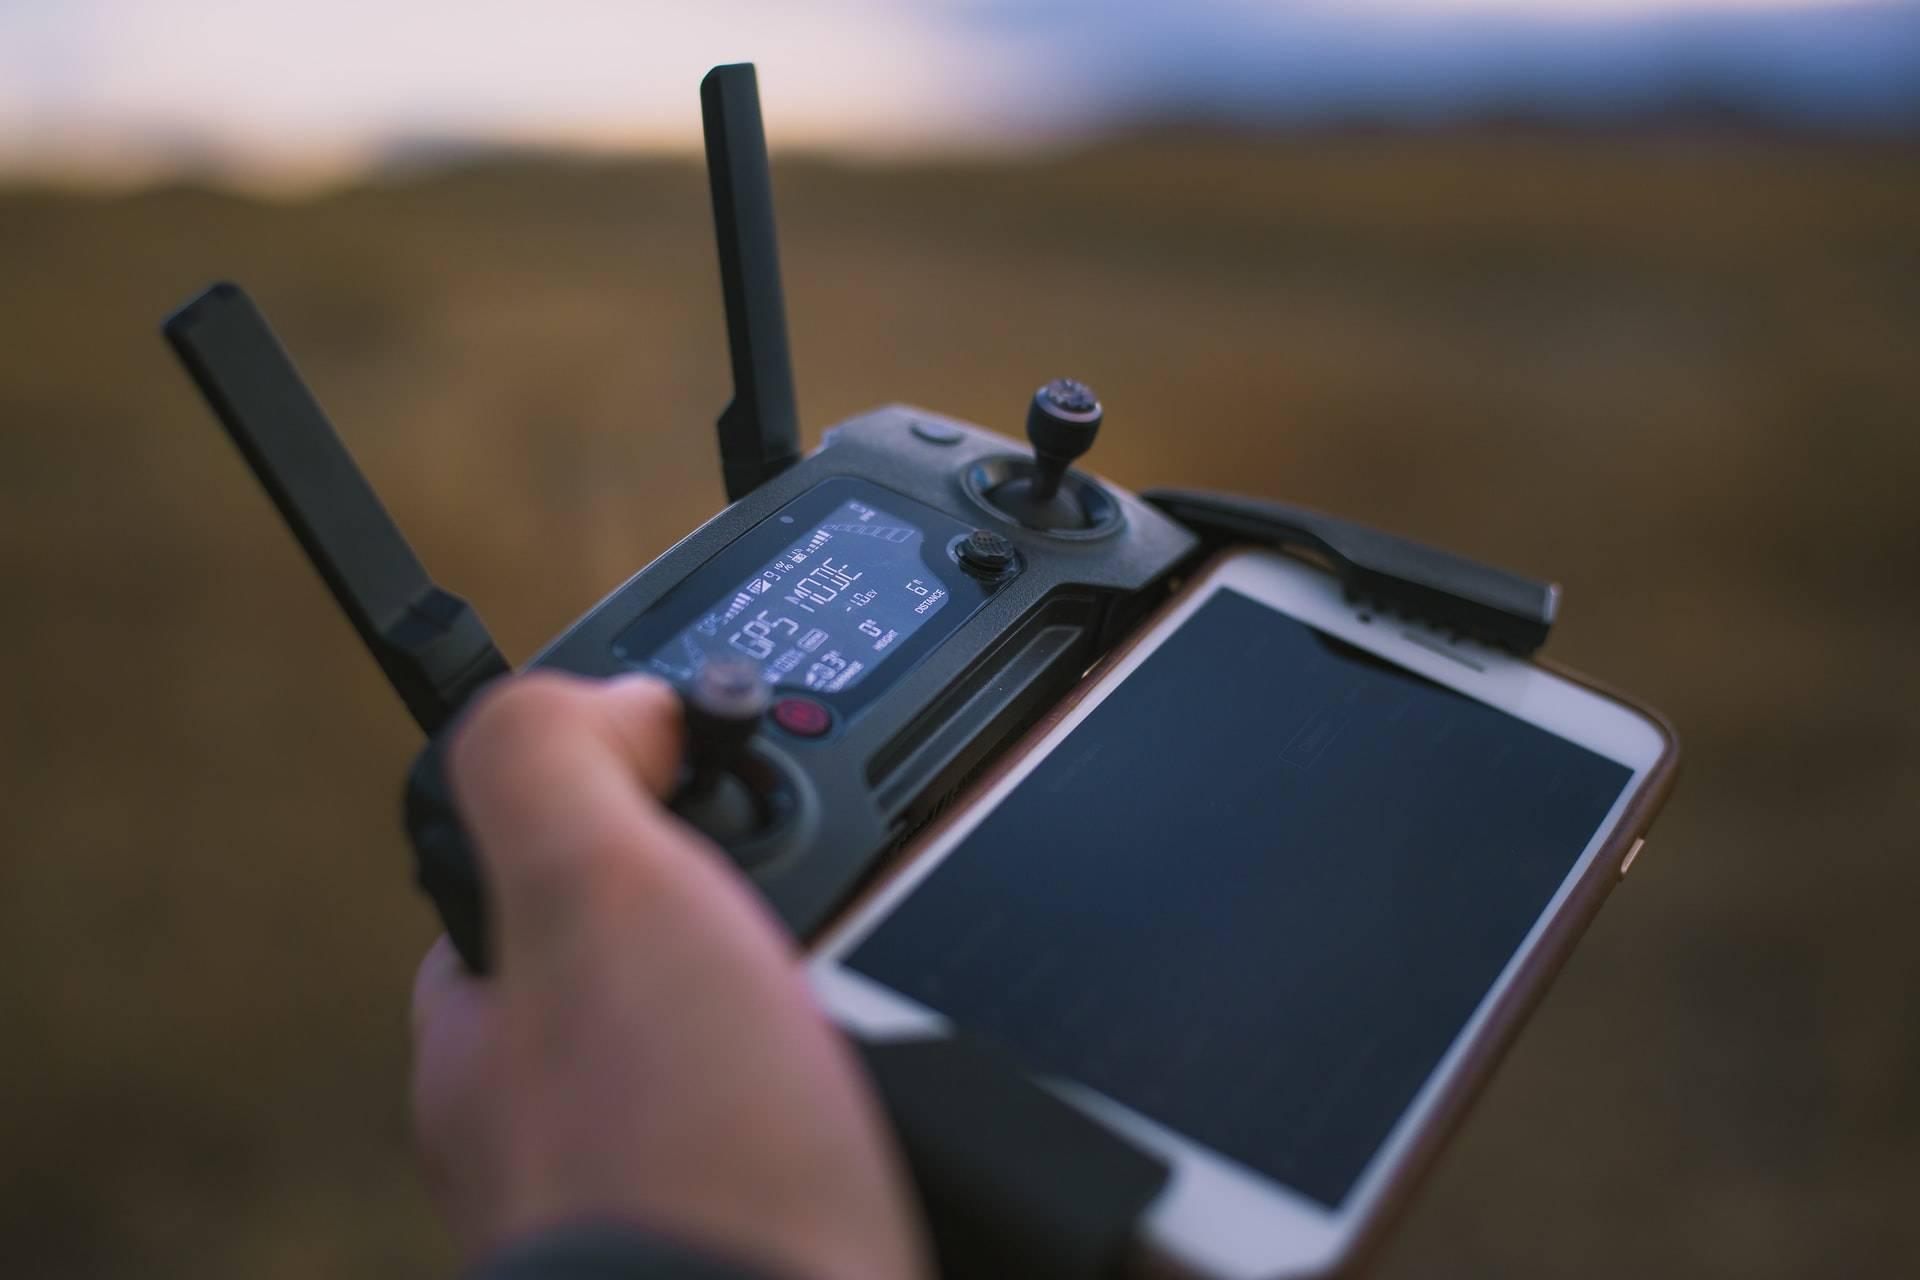 χειρισμός drone και έλεγχος μπαταρίας